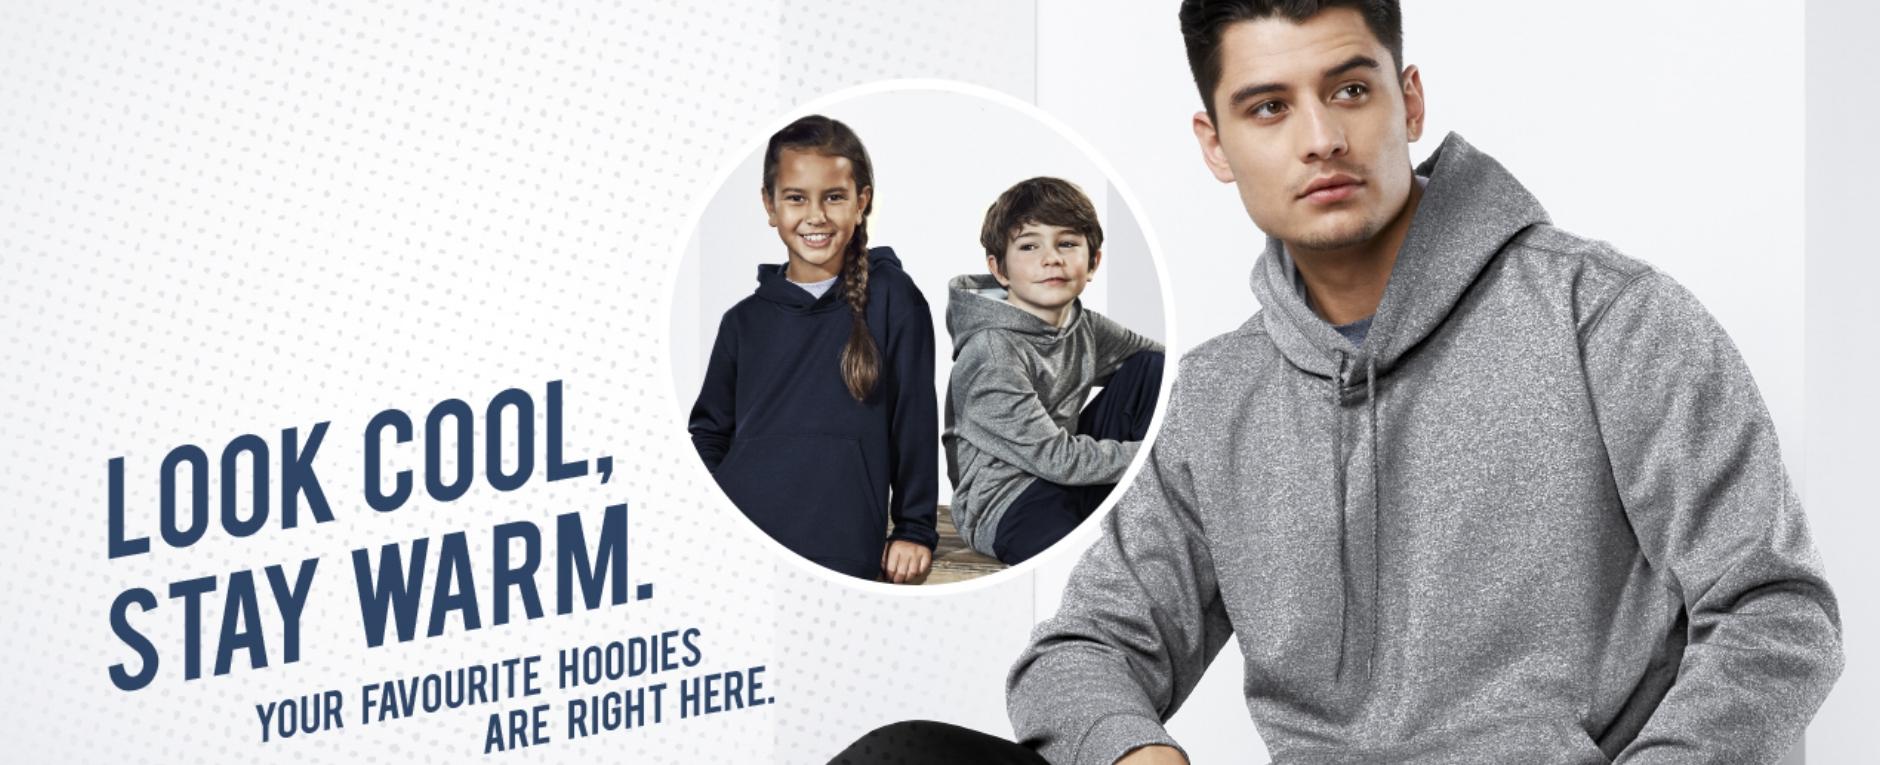 look cool hoodies.jpg